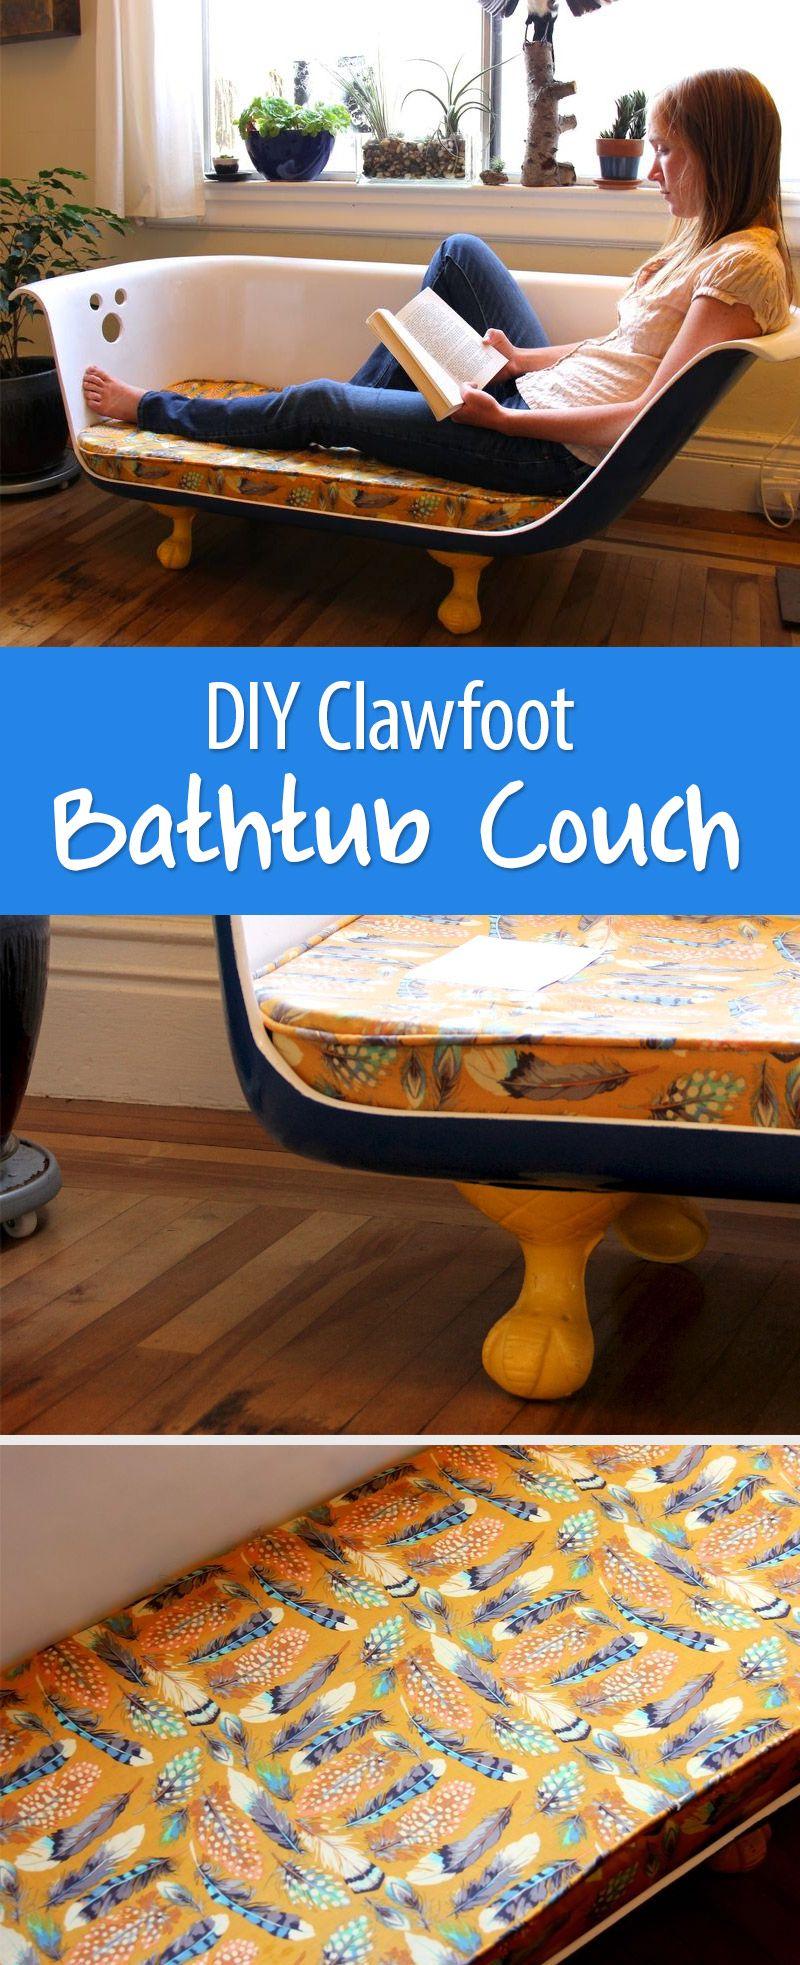 DIY Clawfoot Bathtub Couch   Clawfoot bathtub, Built in ...